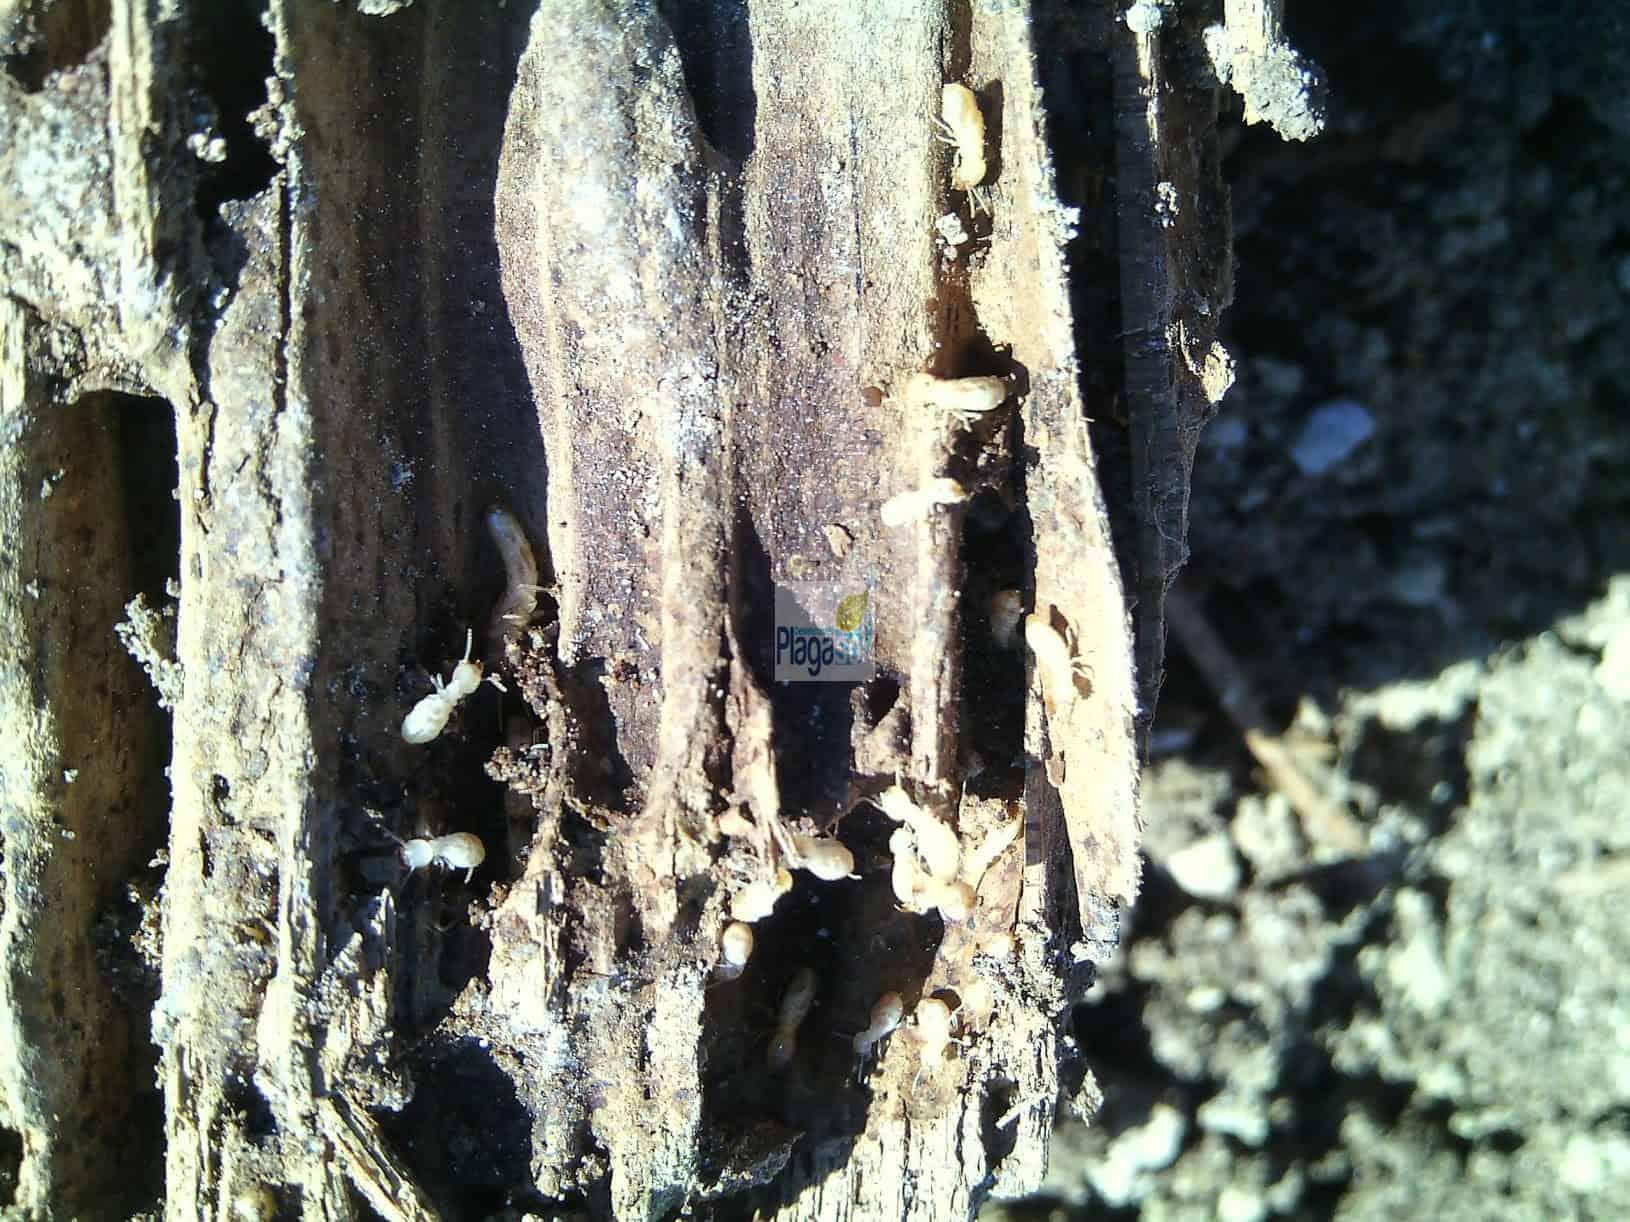 Plaga de termitas en la madera